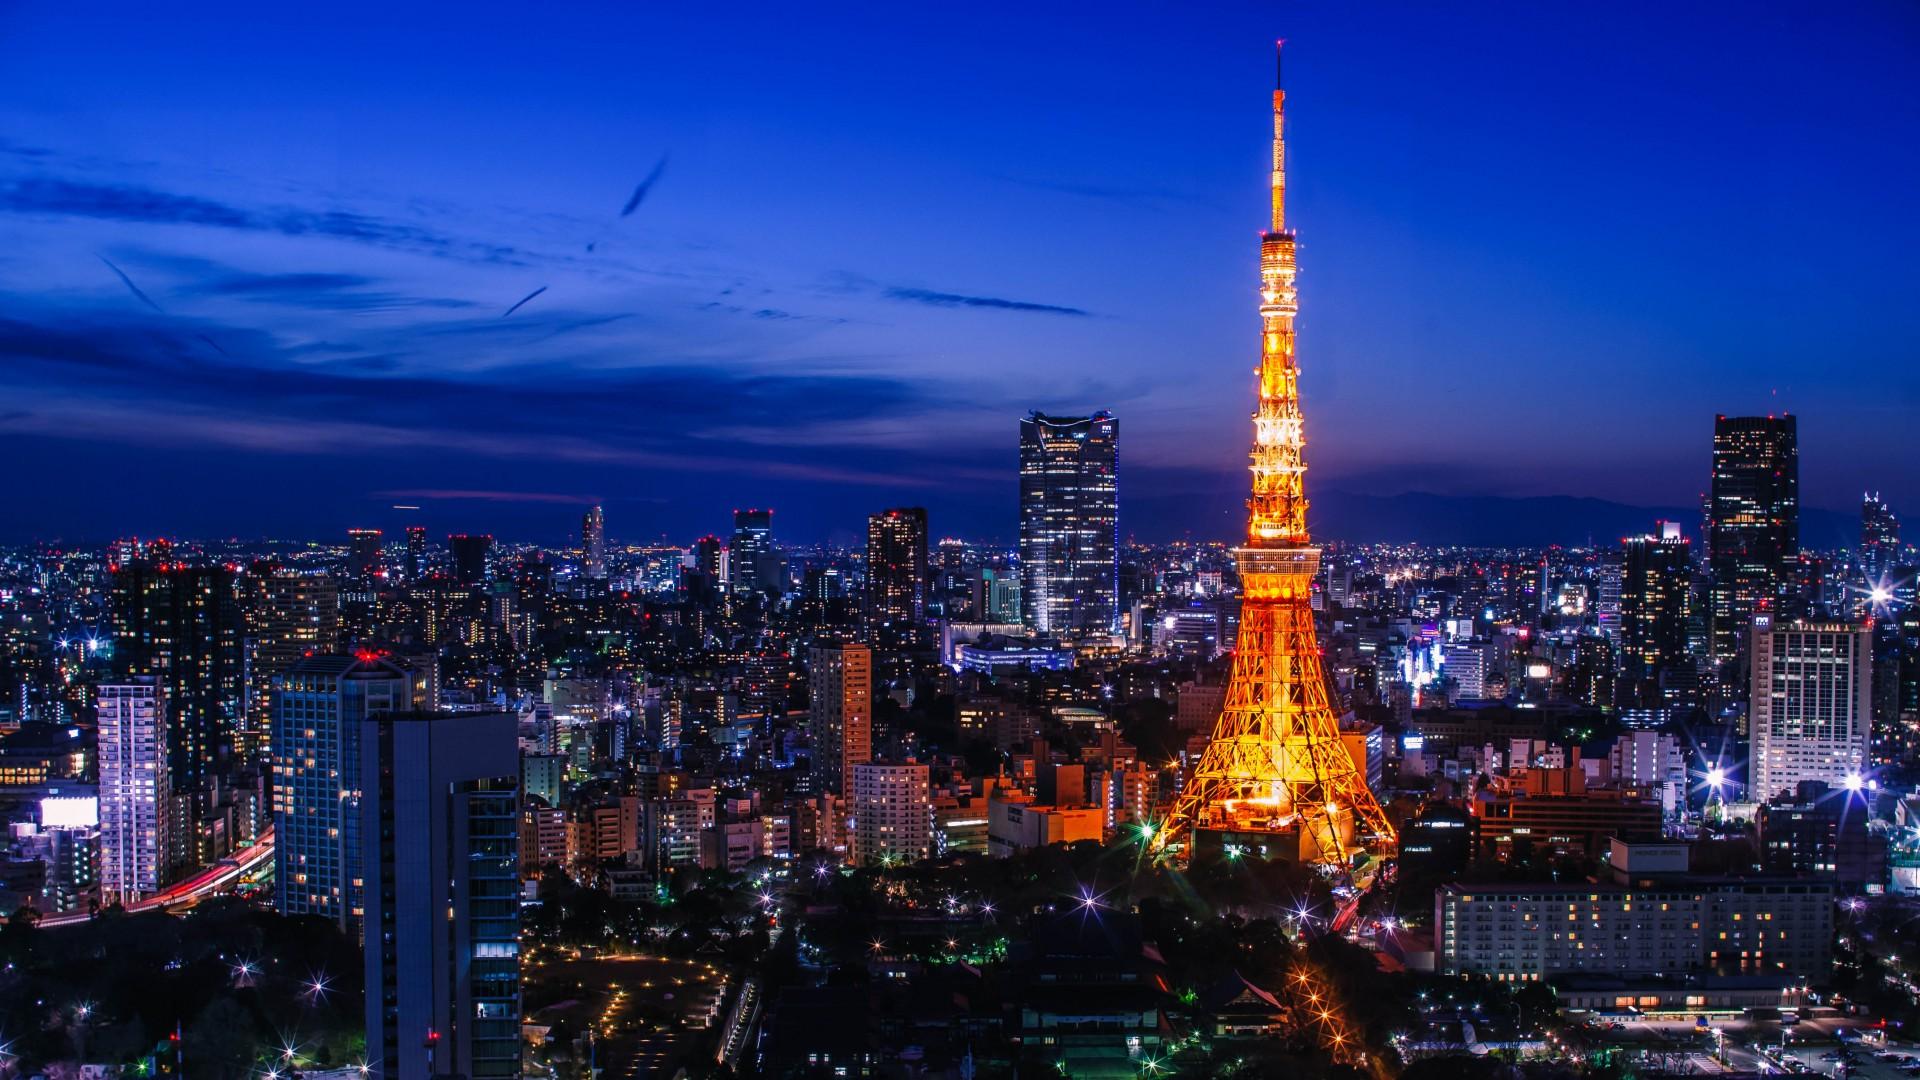 東京都内の子供向け観光スポットのおすすめを紹介!大人も一緒に楽しめる!